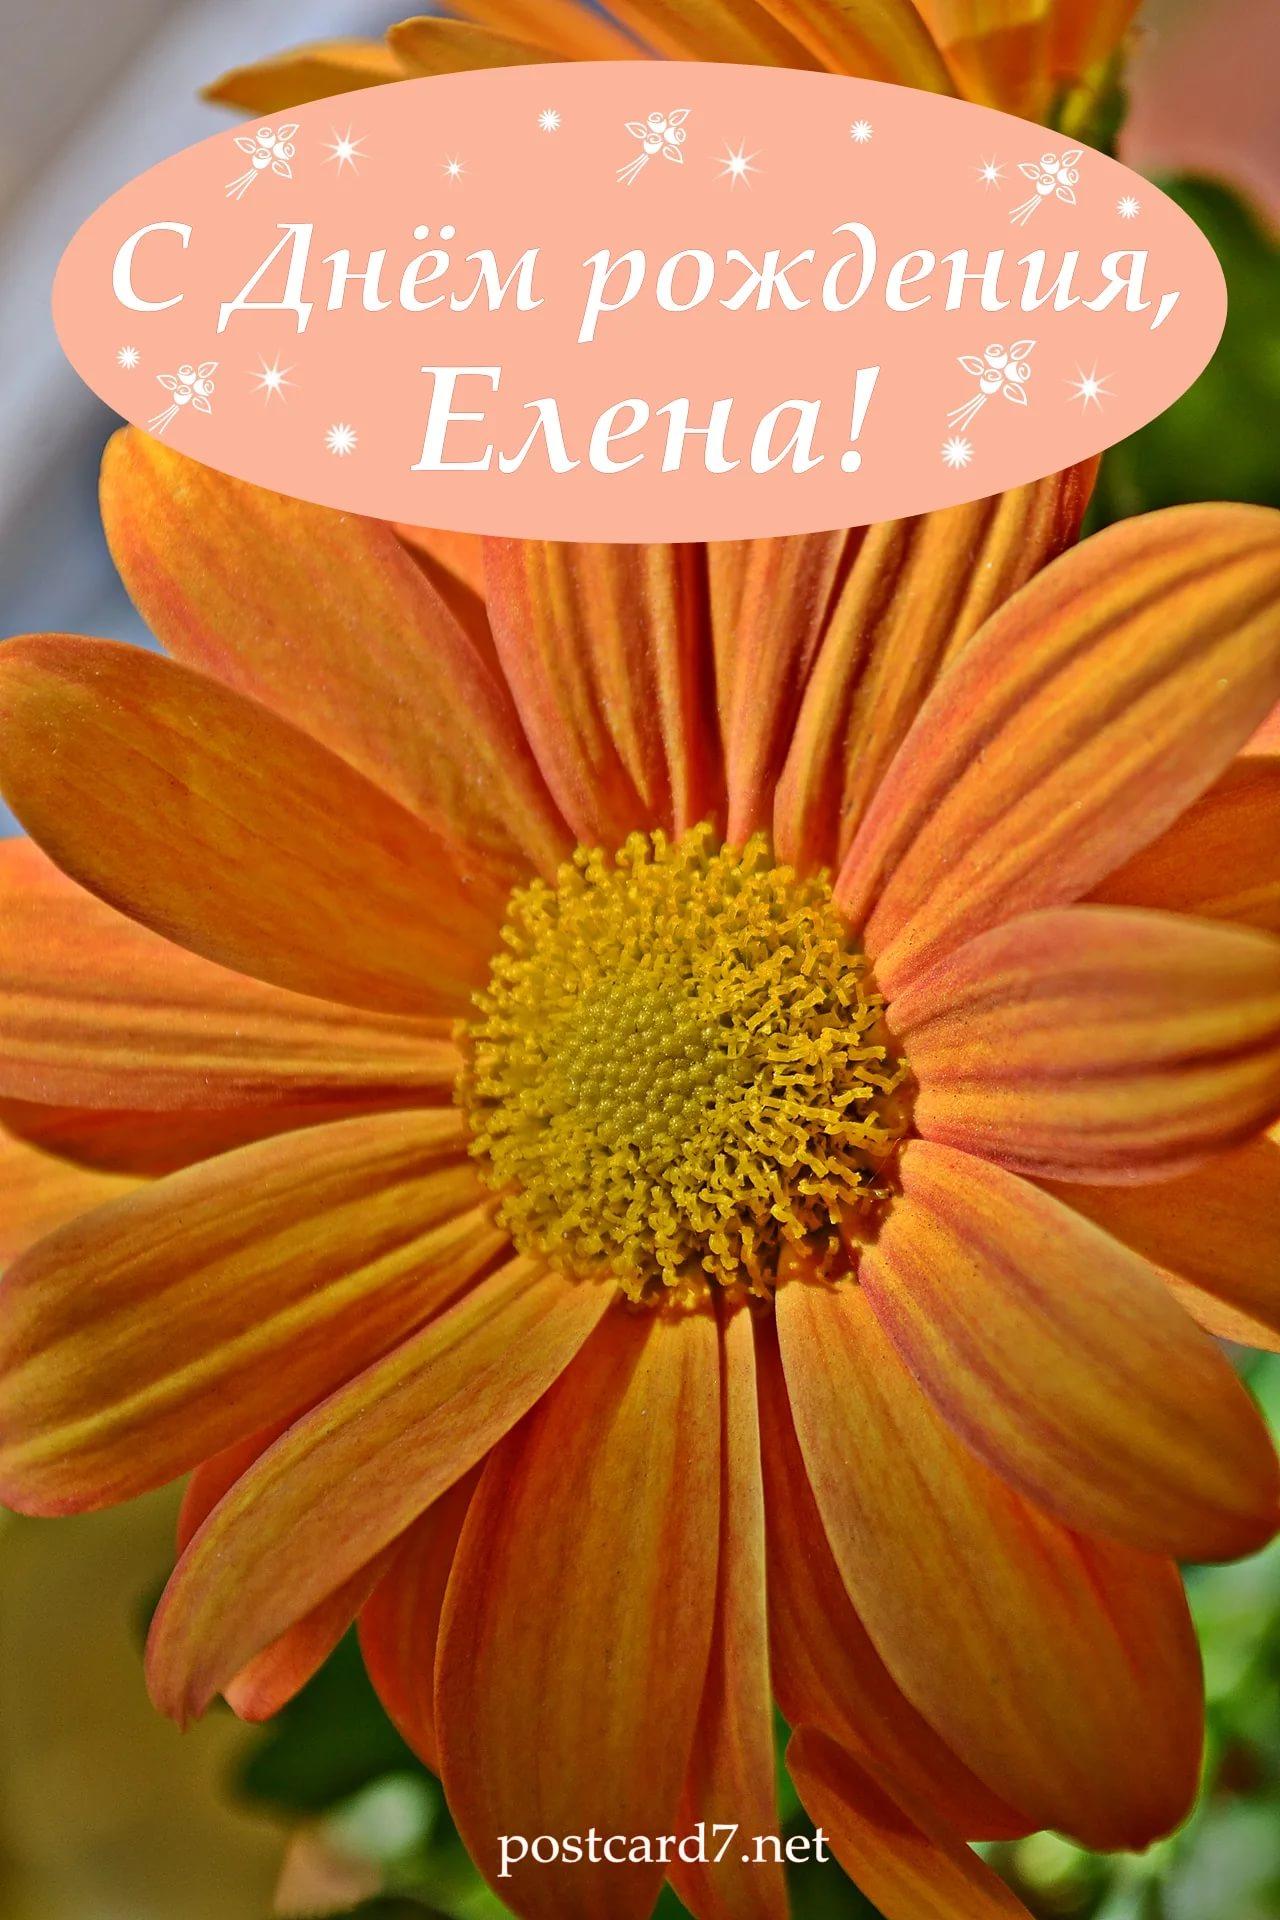 Яркие и бесплатные открытки с днем рождения Елена 1